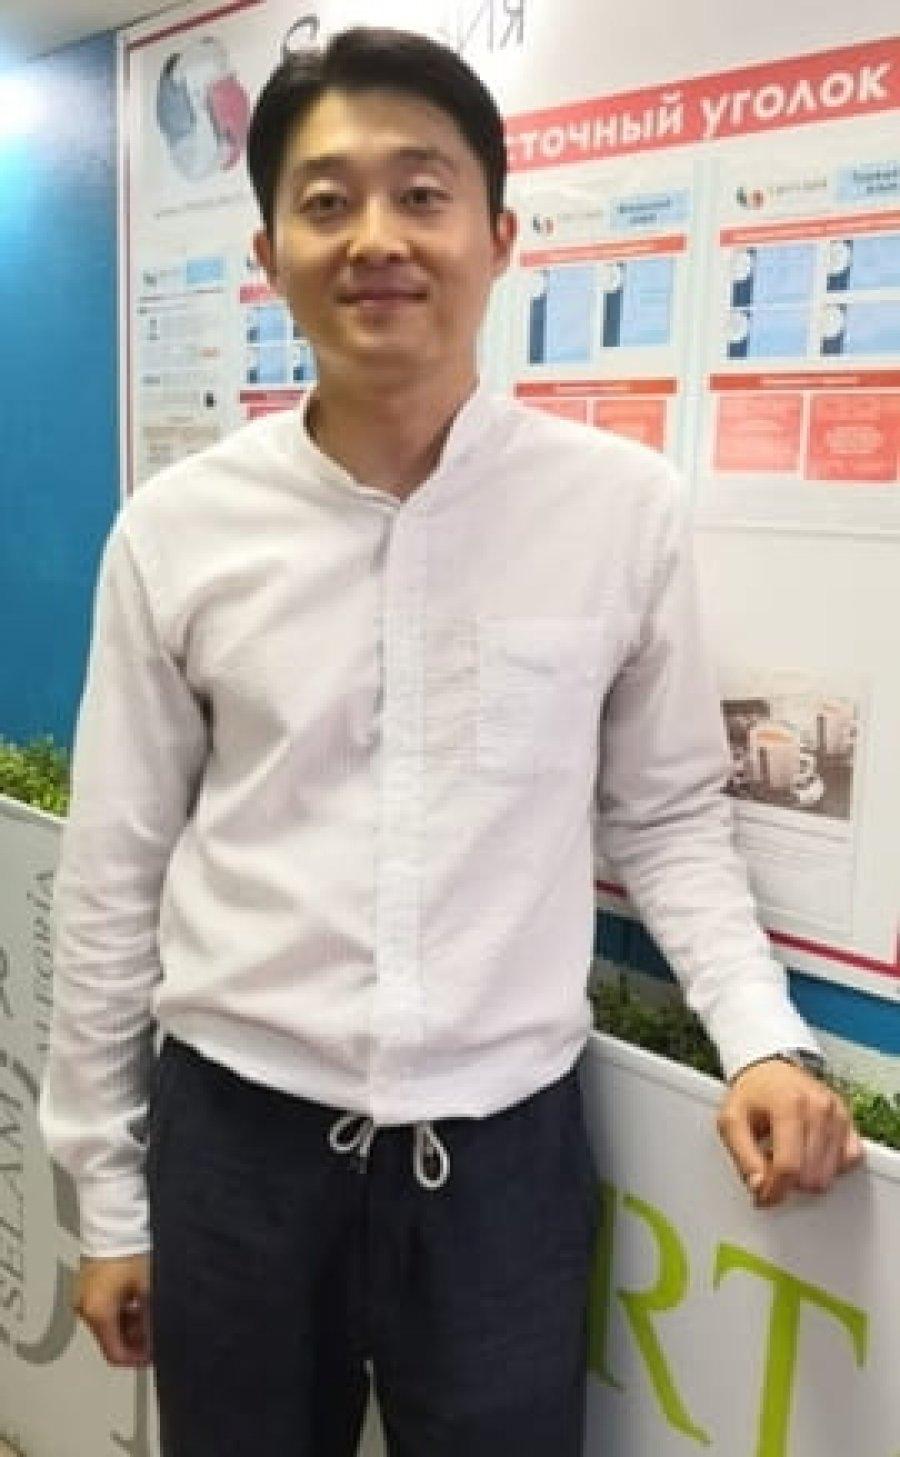 преподаватель корейского языка - Хек Джун